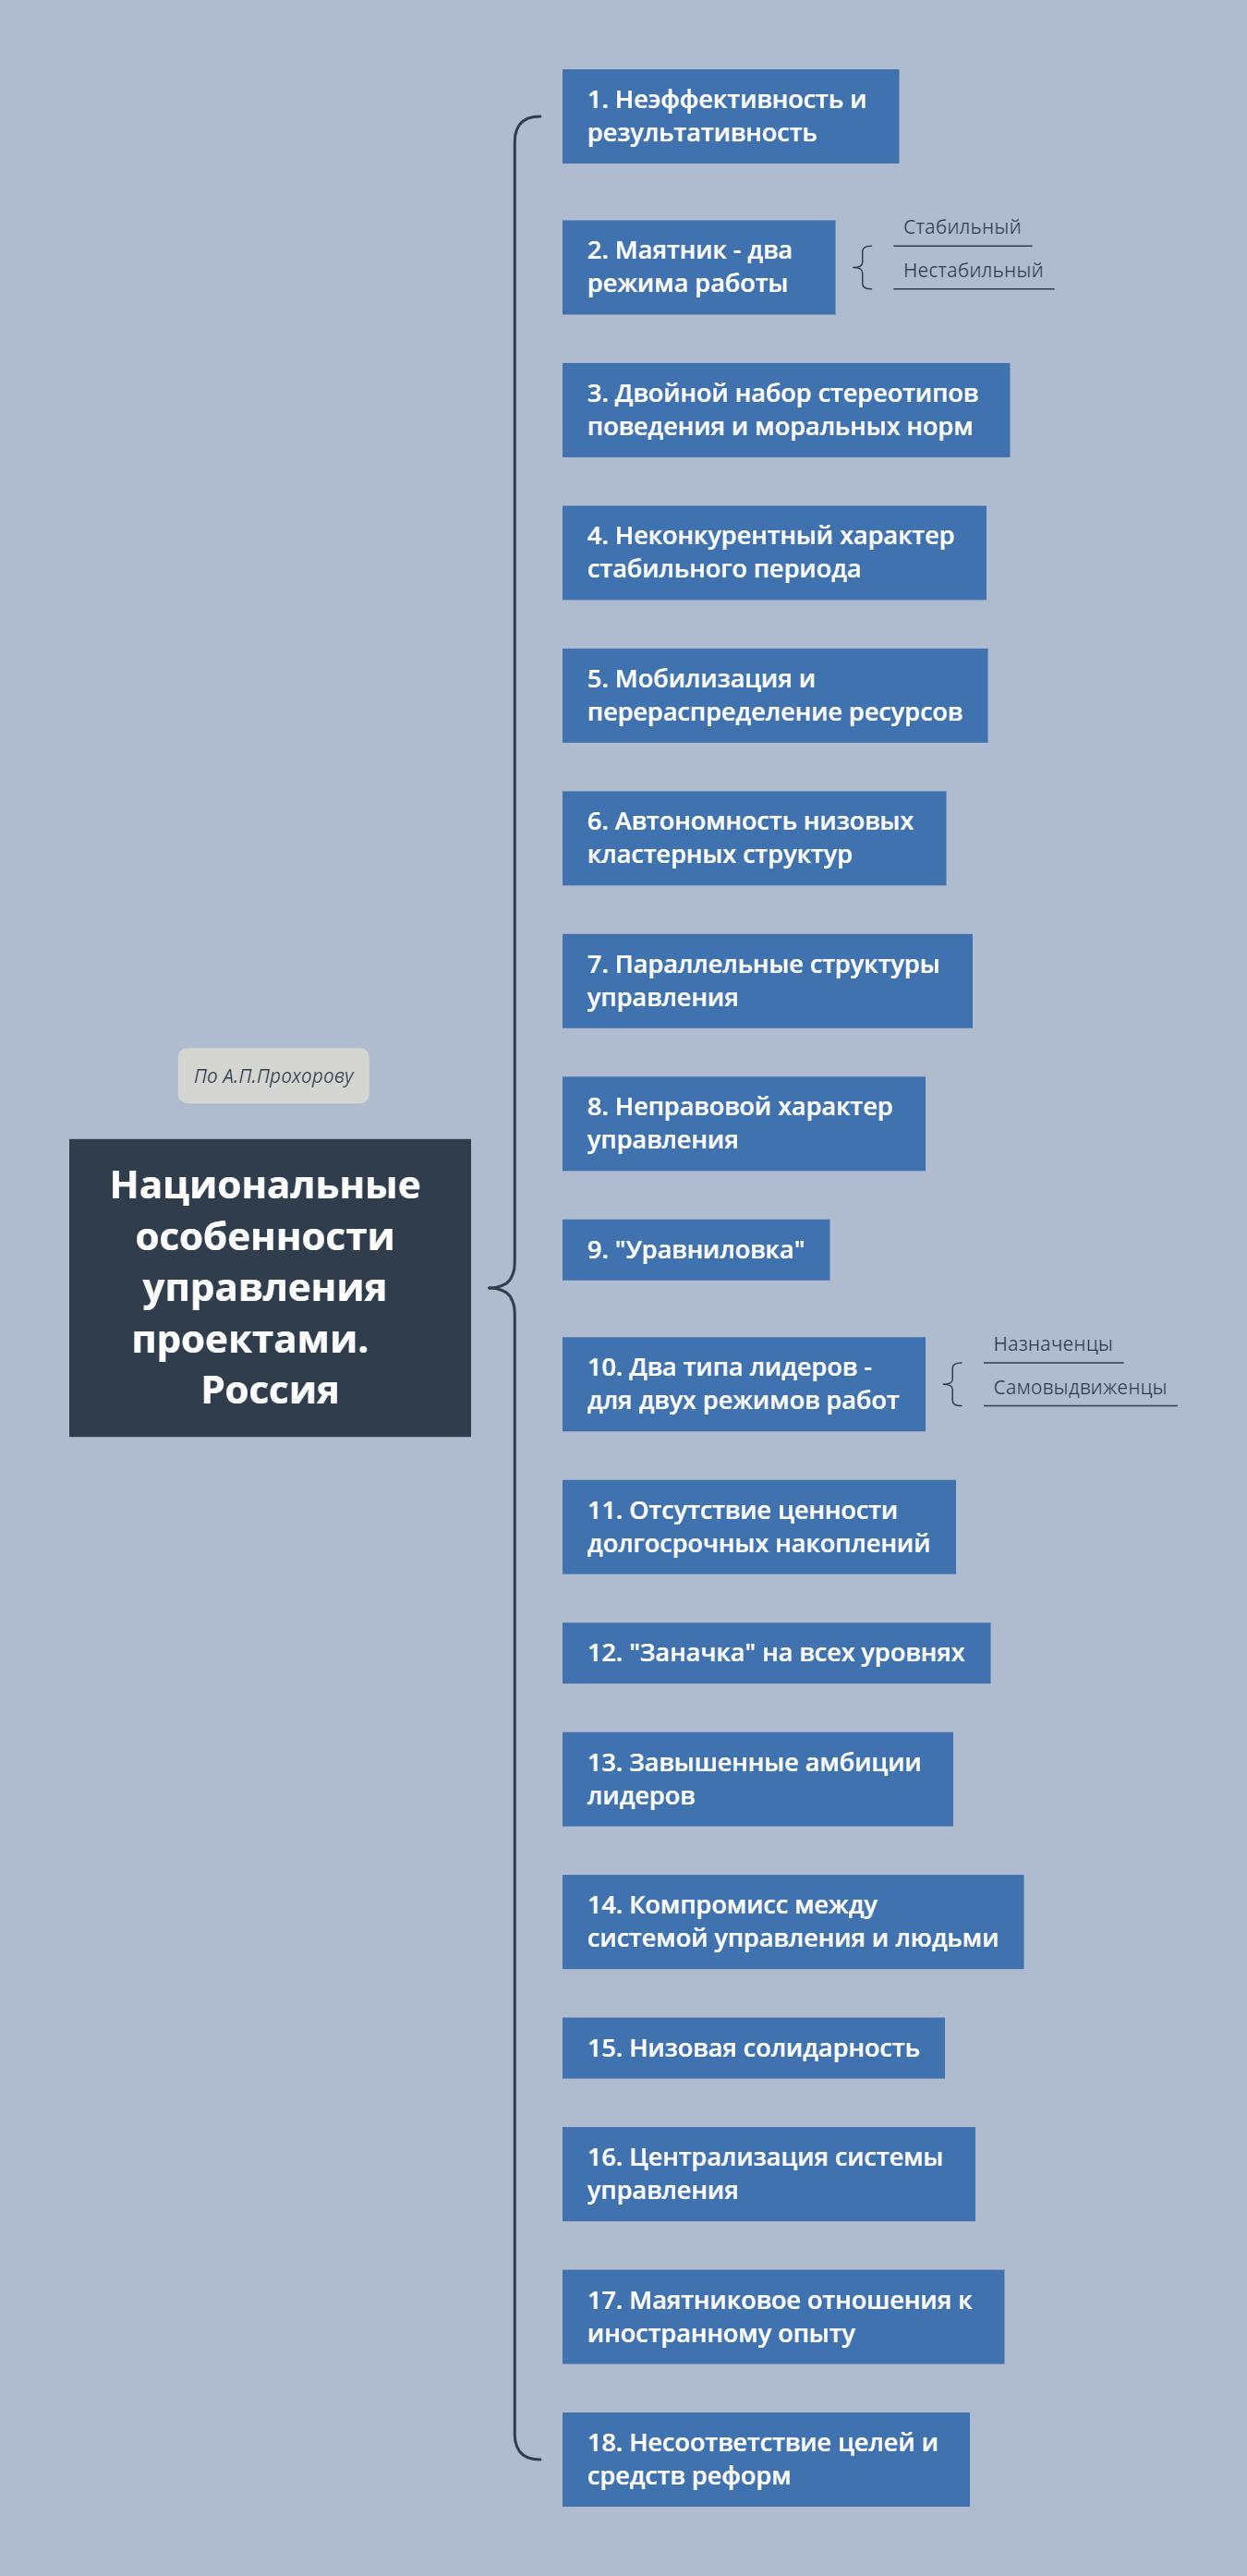 Национальные особенности управления проектами